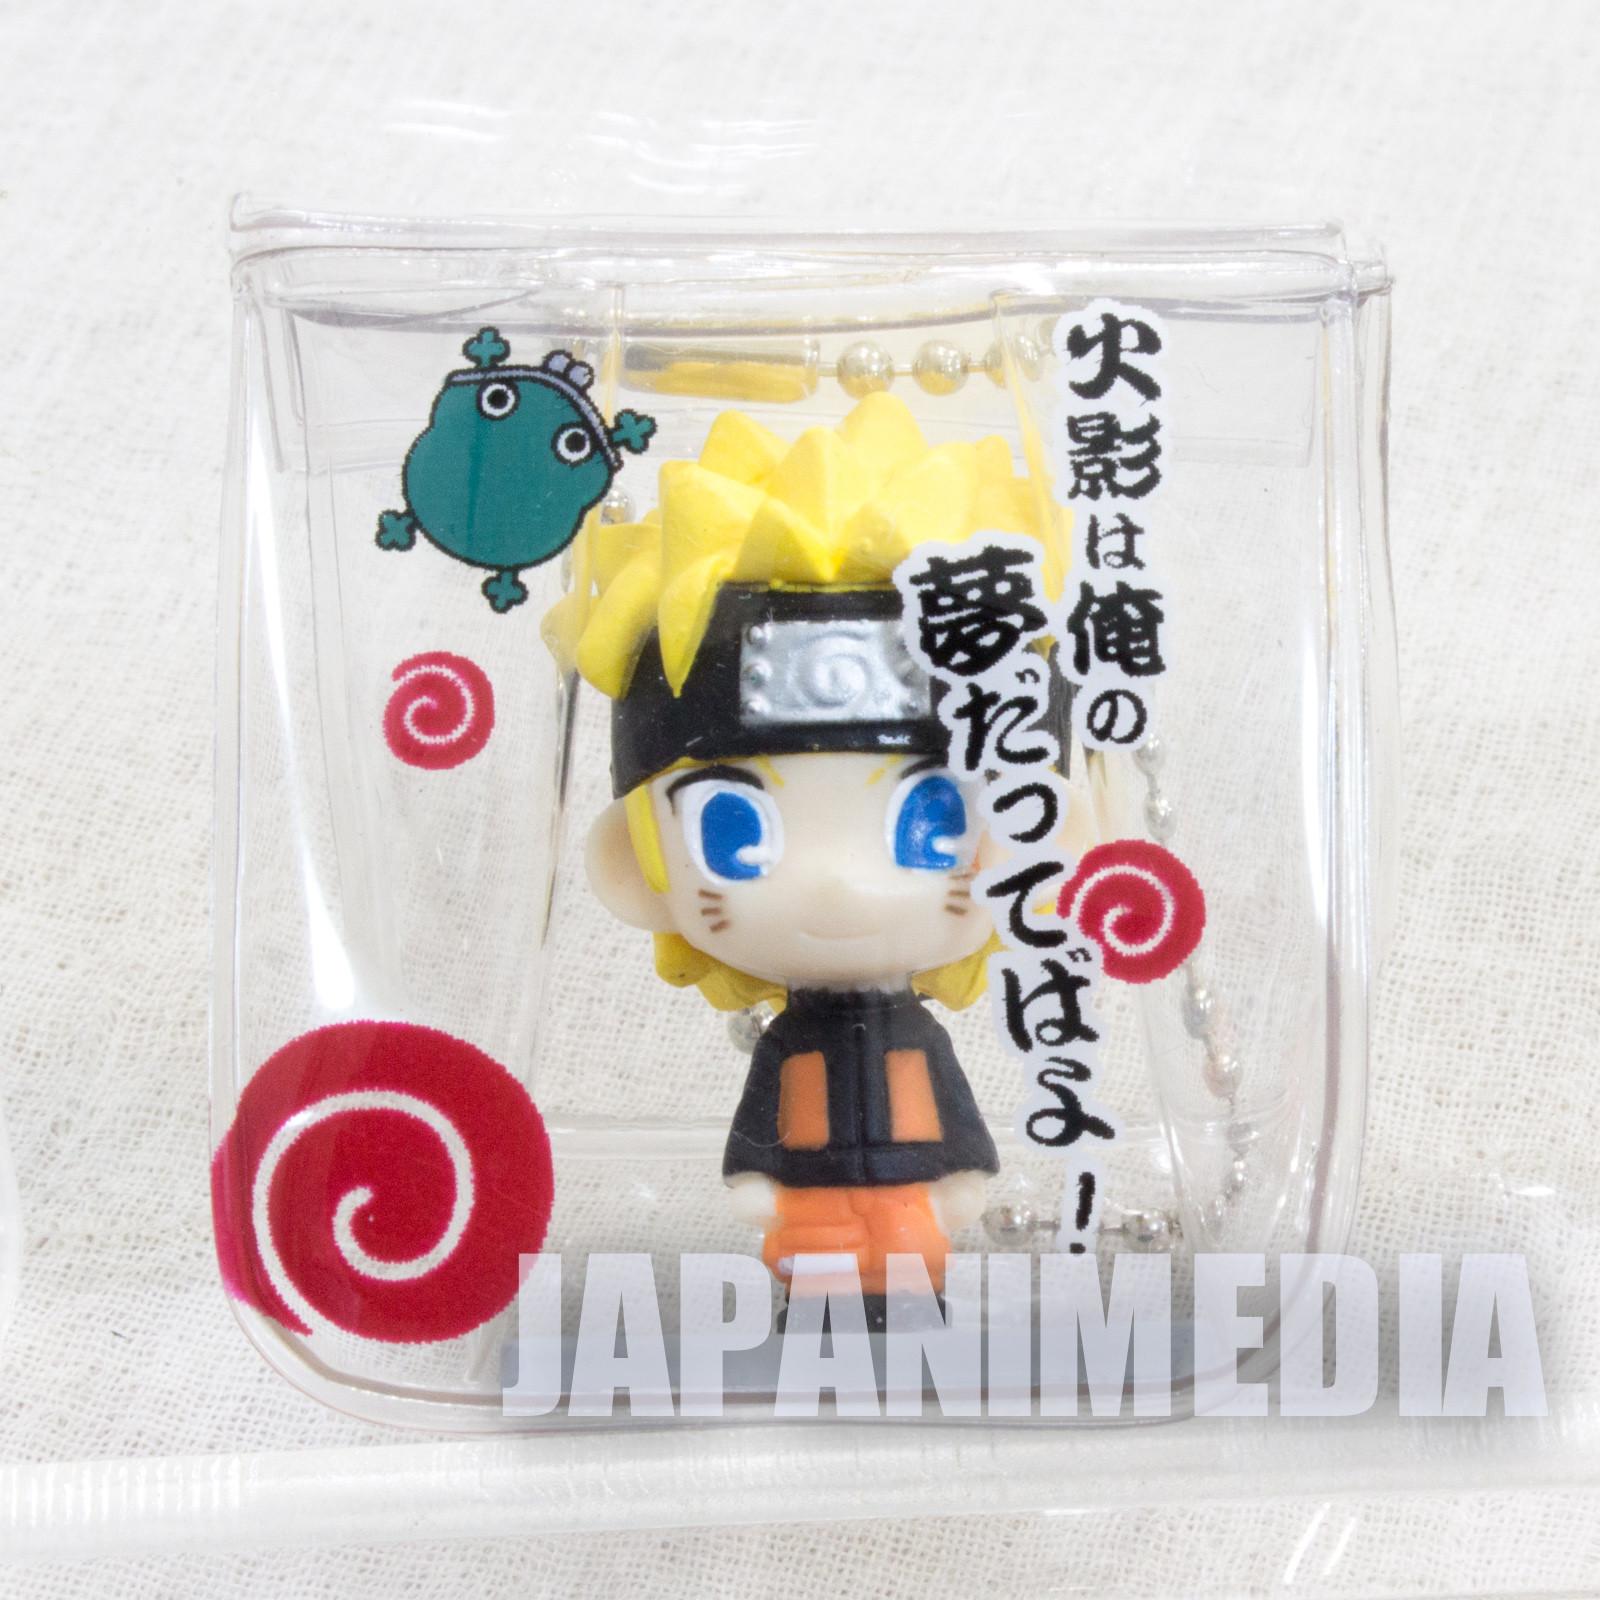 NARUTO Shippuden Naruto Uzumaki PAKU PAKU Figure Ball keychain JAPAN ANIME MANGA JUMP